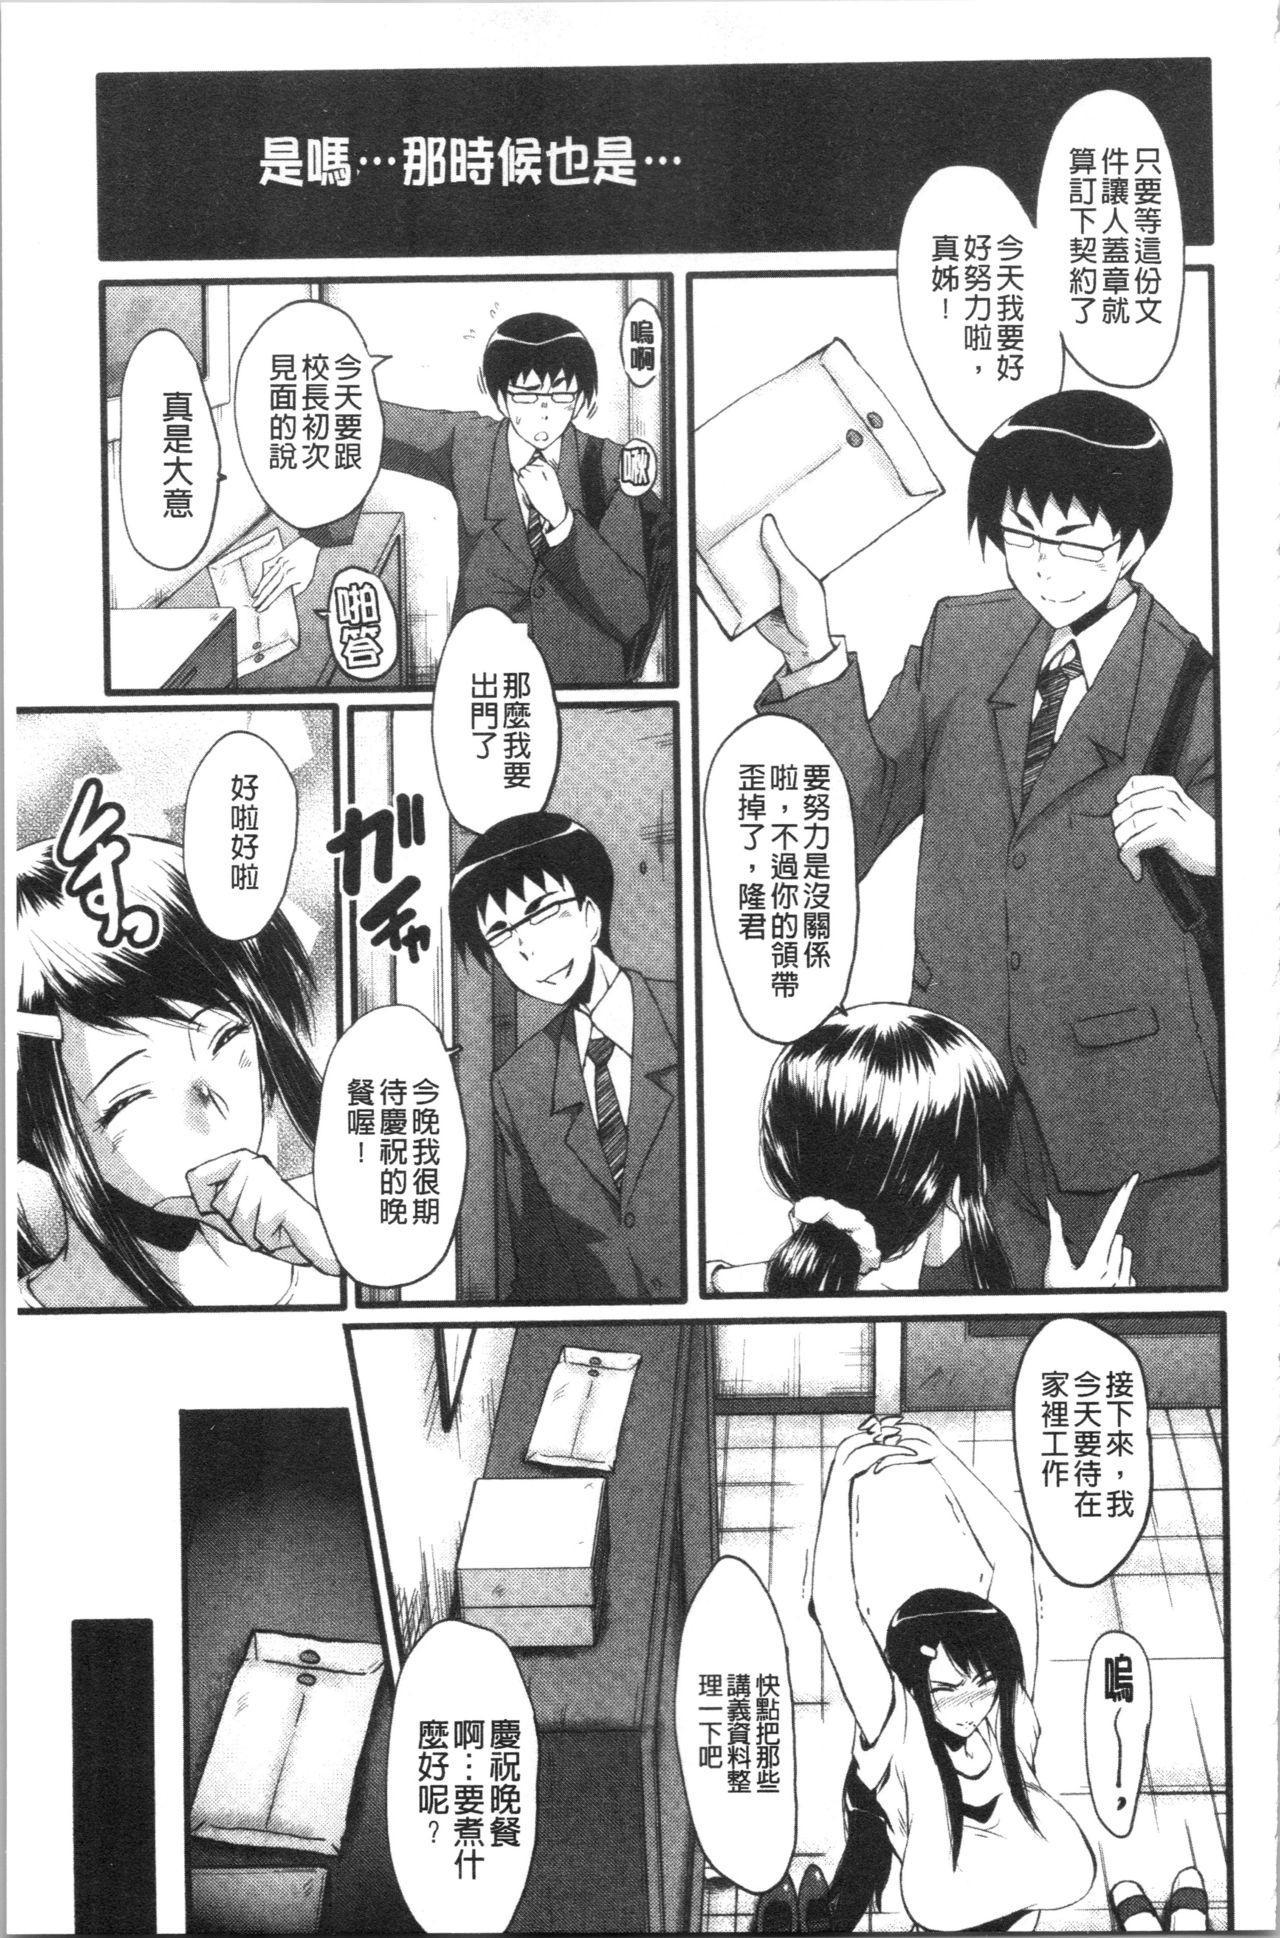 Bokuno Kanojo ga Kusogaki ni Netorareta Hanashi 78